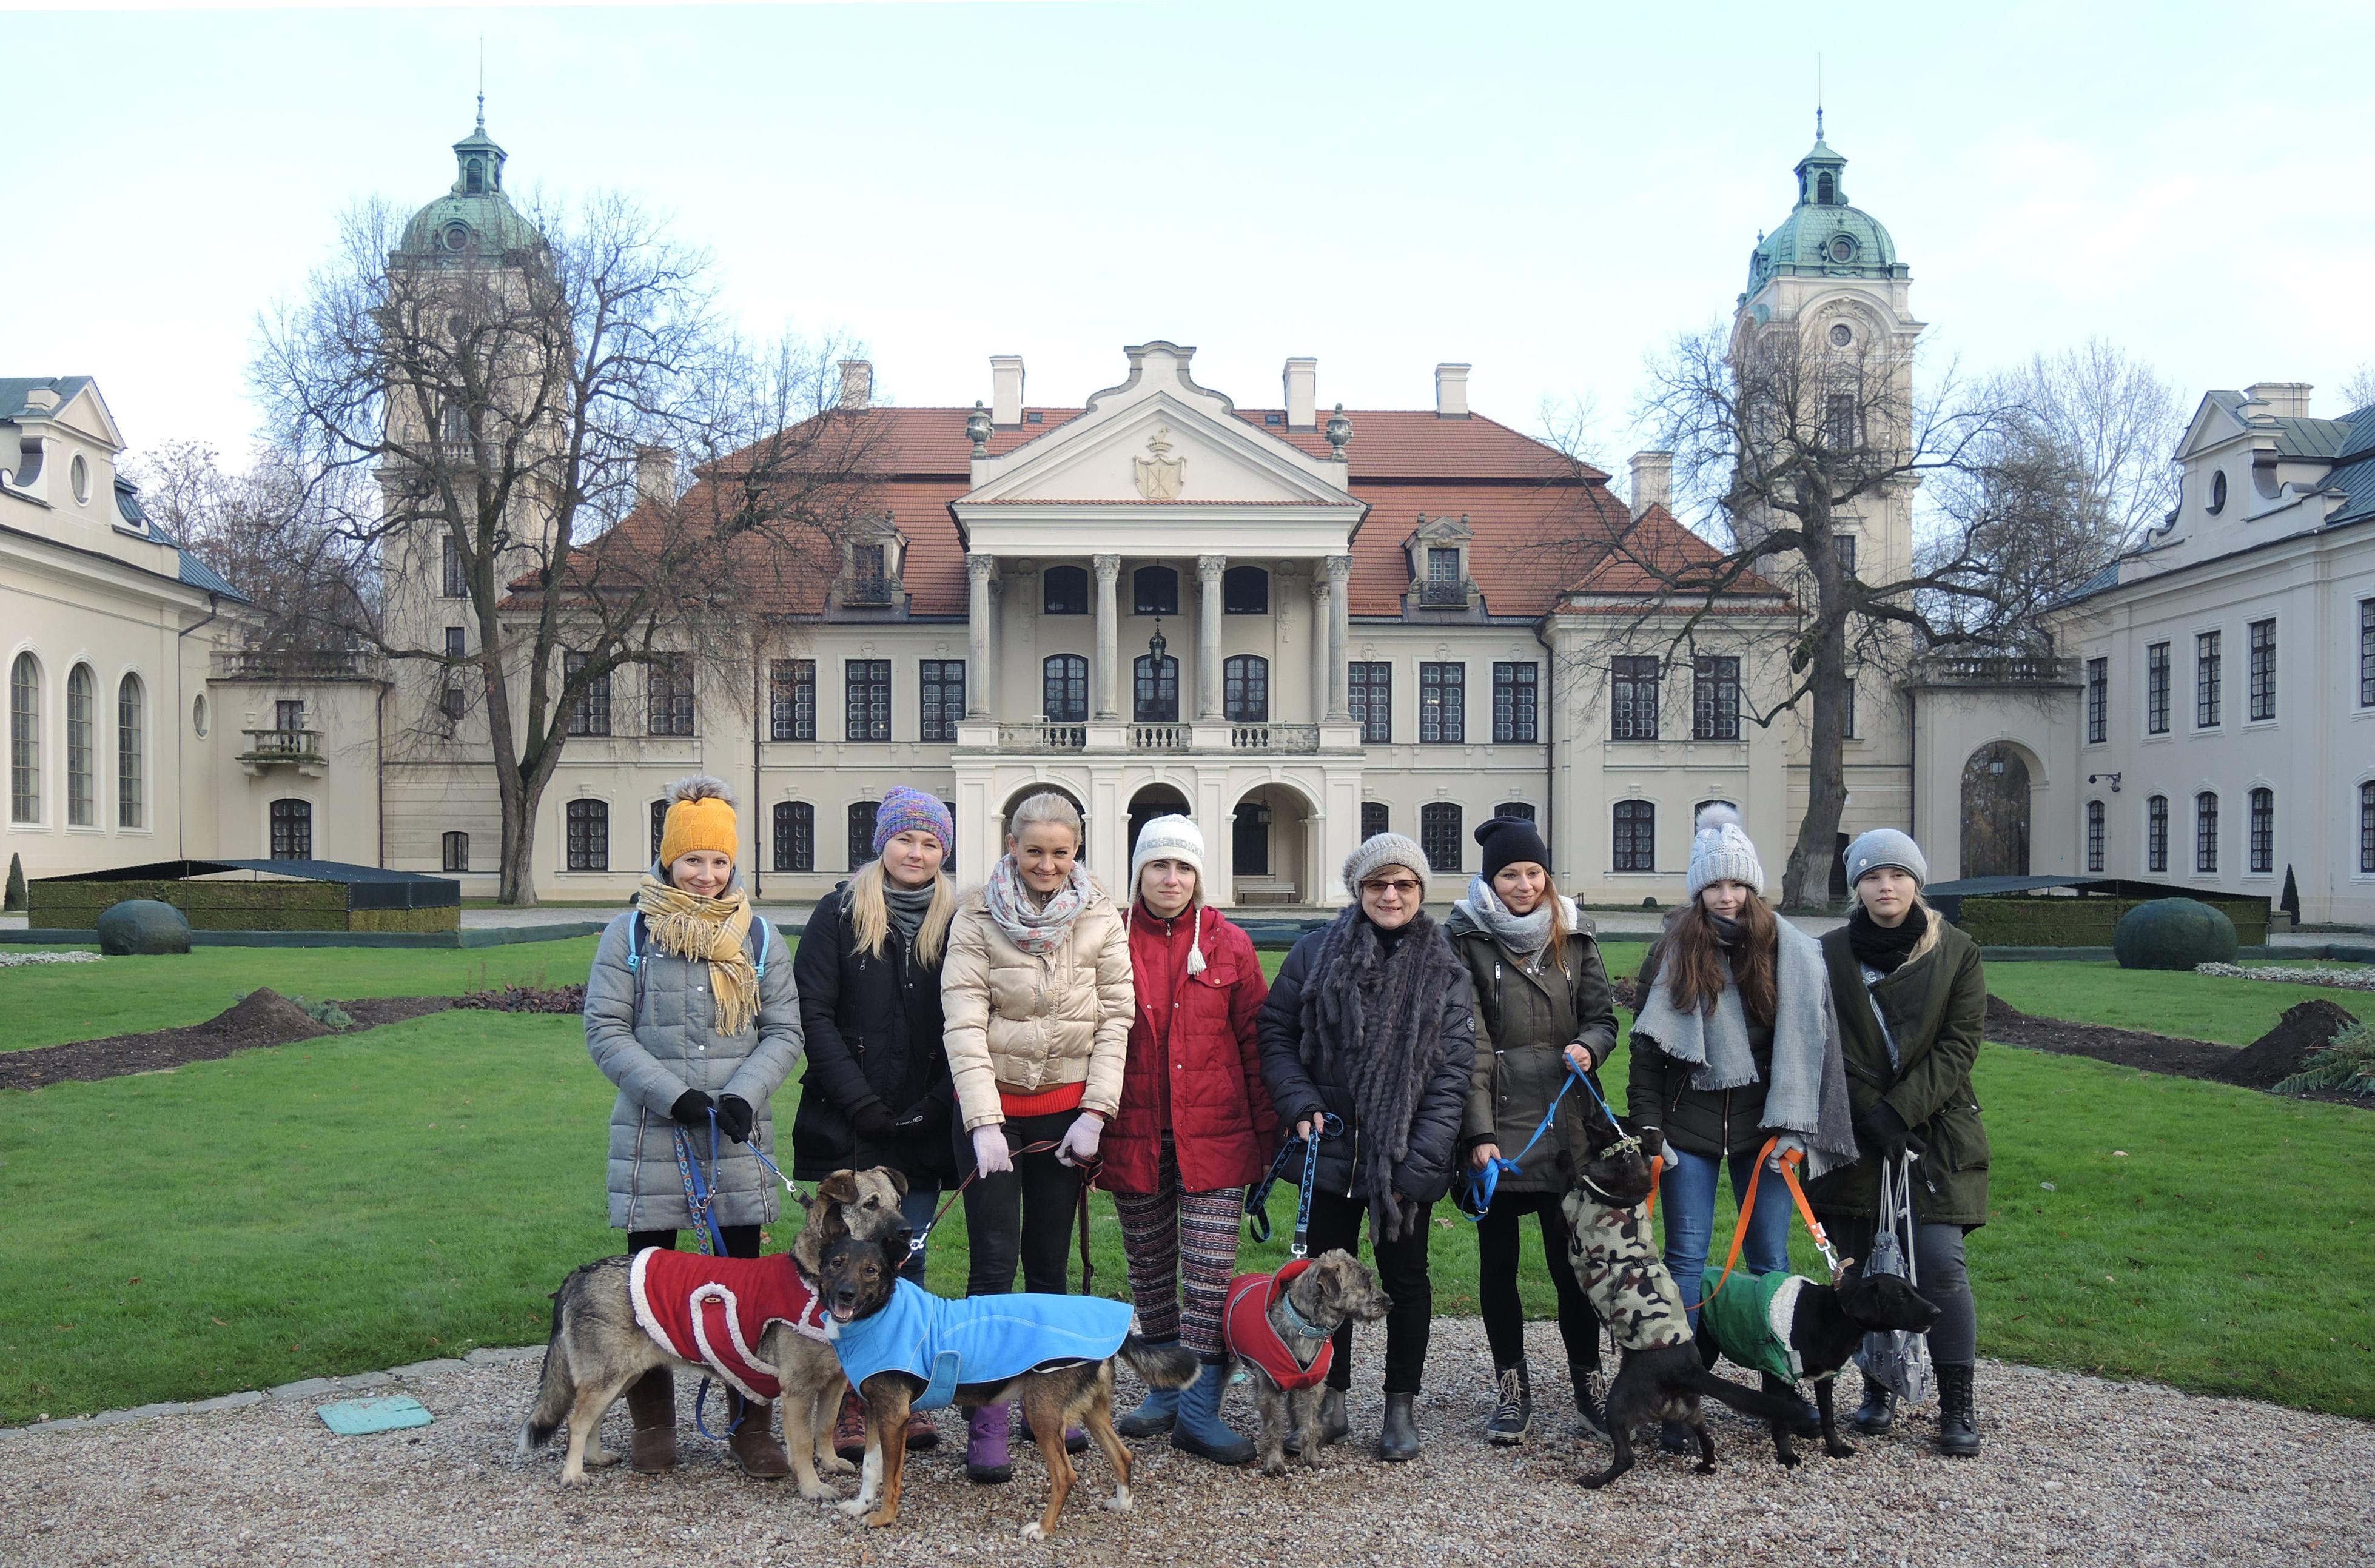 """Fotografia. Grupa ośmiu kobiet w różnym wieku, ubrana w zimowe kurtki i czapki stojąca na tle okazałej dwukondygnacyjnej rezydencji z portykiem i czerwonym dwuspadowym dachem oraz pobocznymi budynkami tworzącymi literę """"U"""". Pięć z nich trzyma psy na smyczy."""